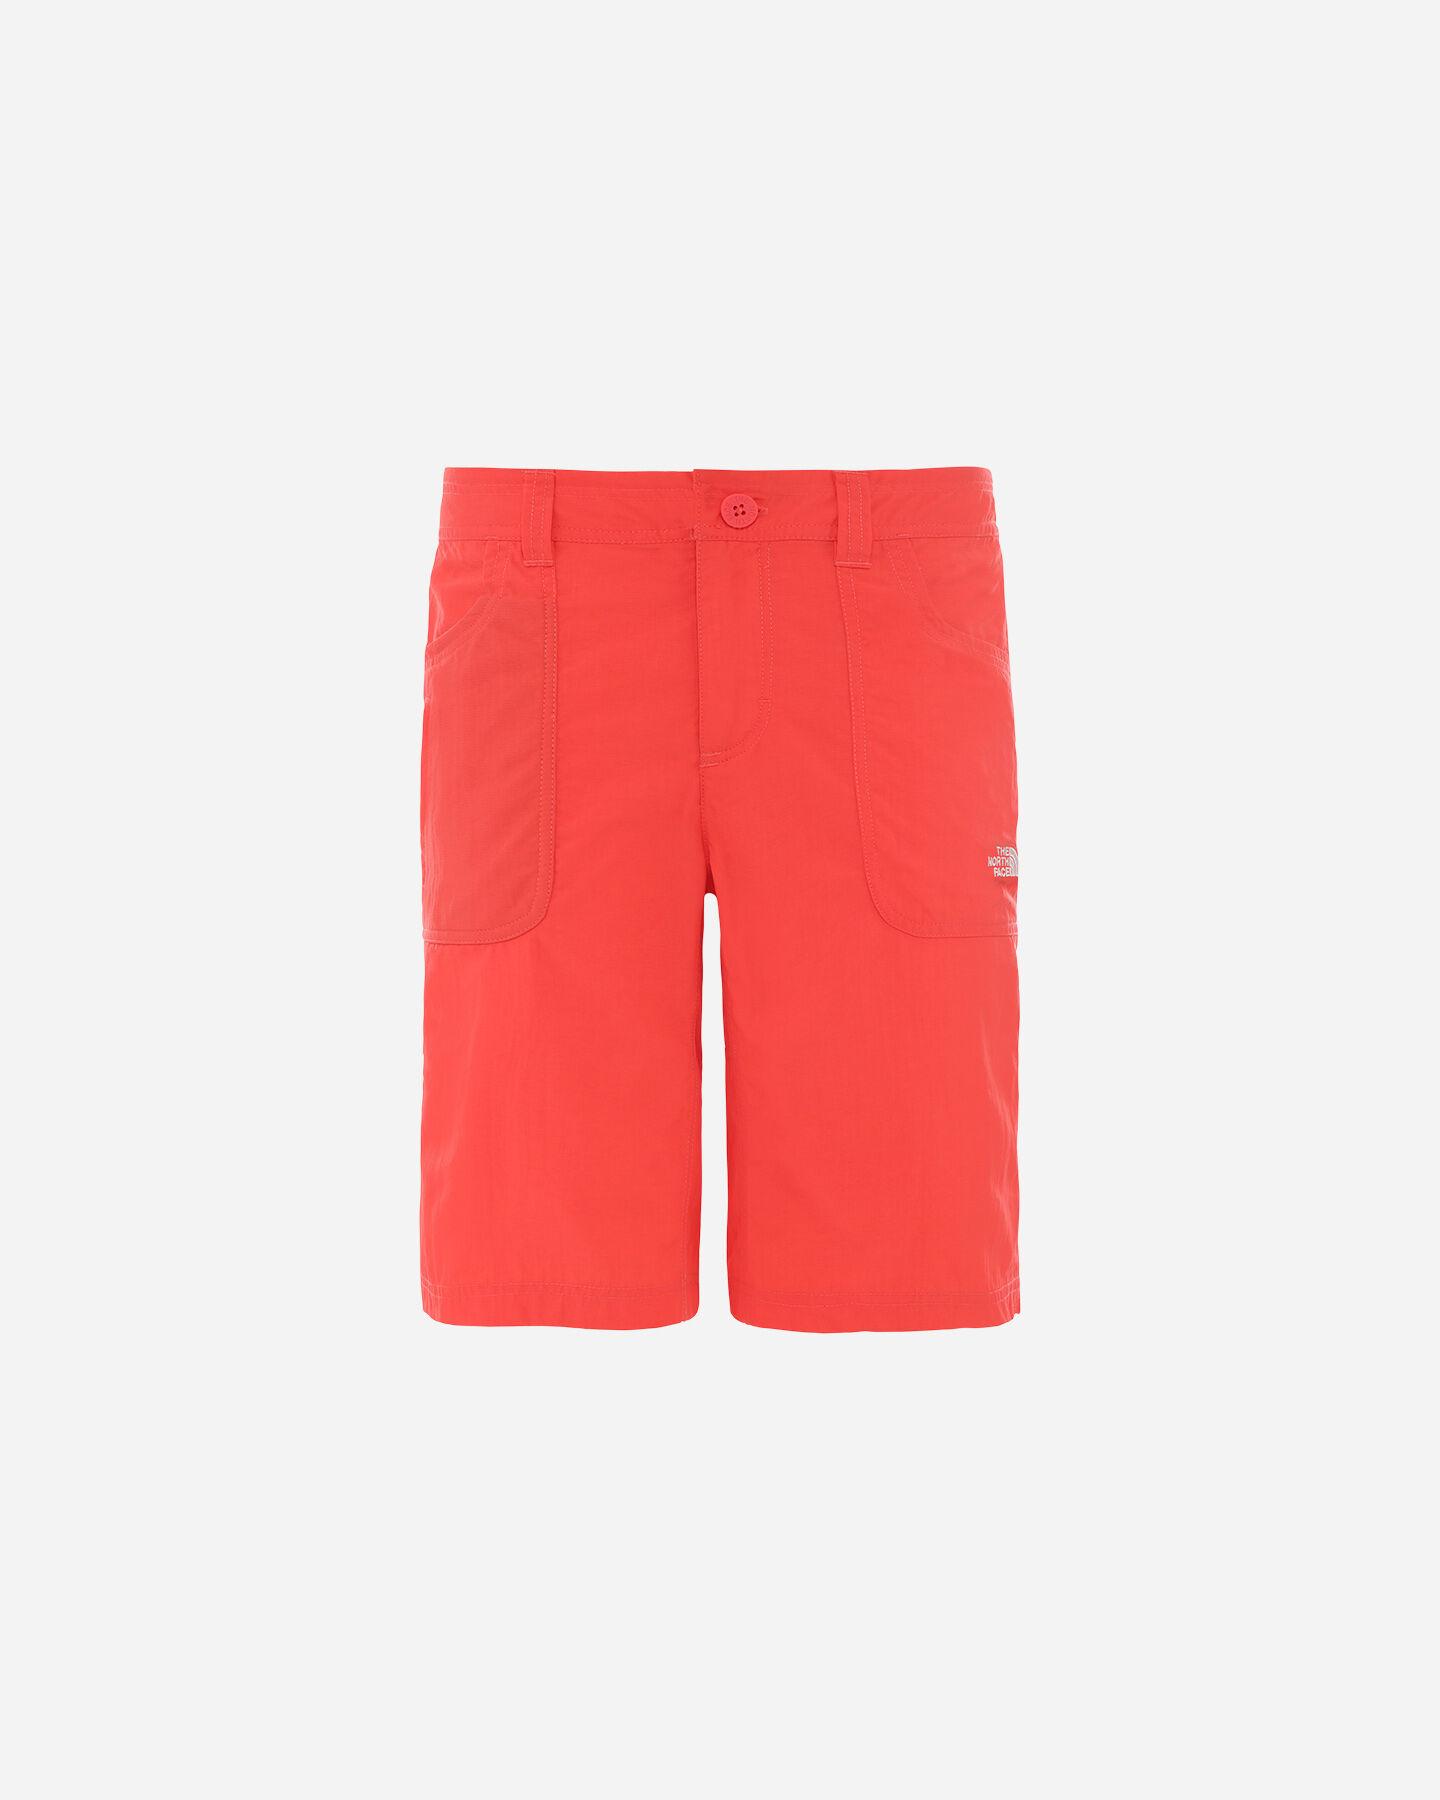 Pantaloncini THE NORTH FACE HORIZON SUNNYSIDE W S5184159 scatto 0